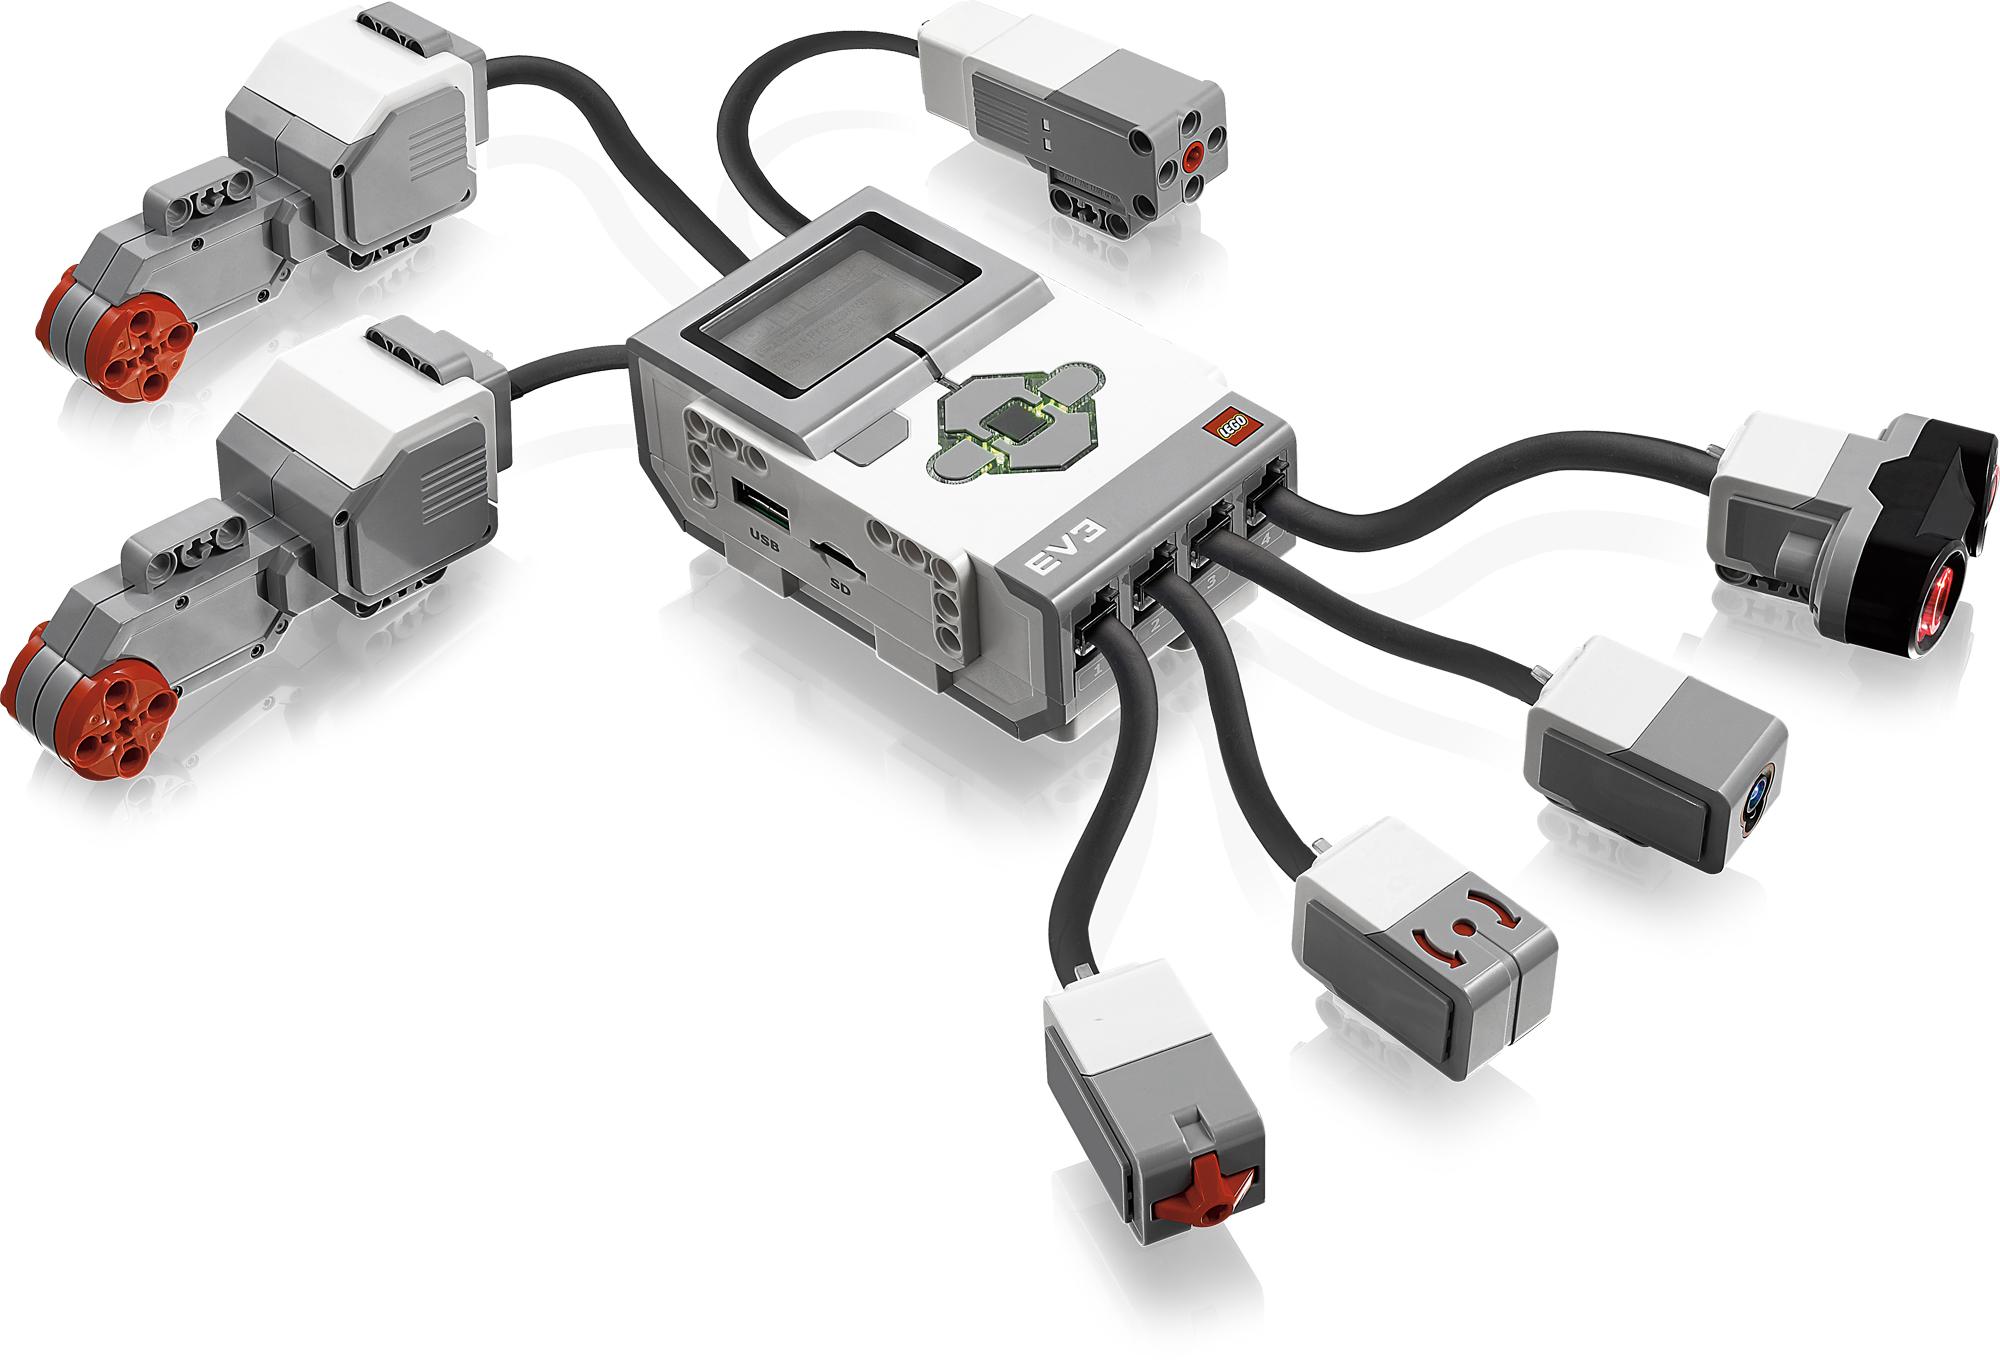 Lego Mindstorms EV3: Neue Roboterplattform von Lego - Lego Mindstorms EV3: P-Brick mit Sensoren